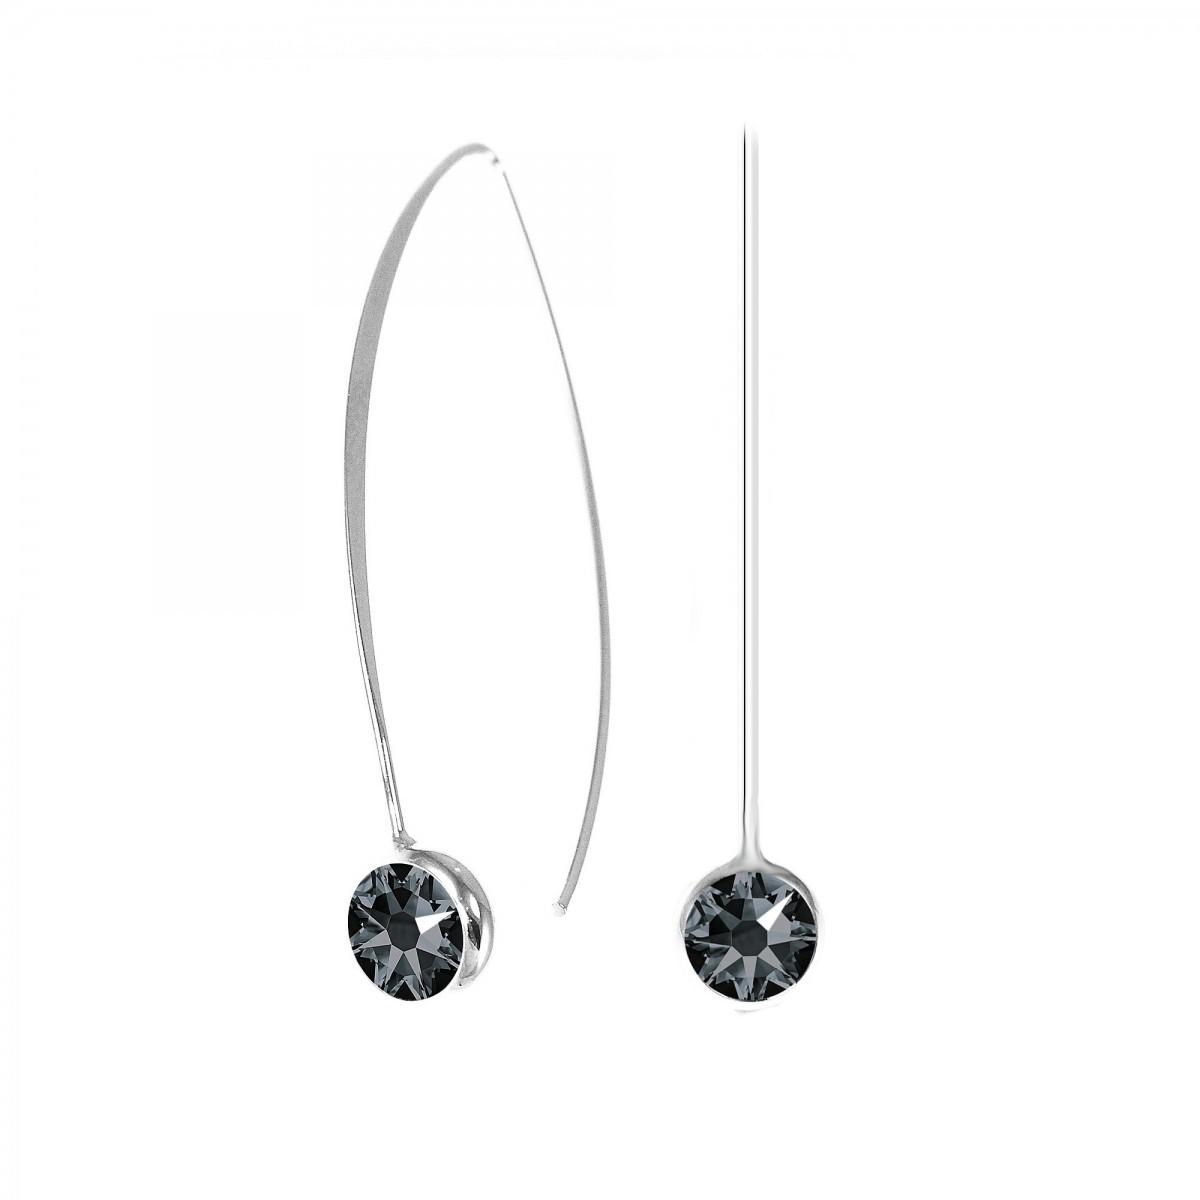 boucles d 39 oreilles point de lumi re noir so charm orn es de cristaux swarovski. Black Bedroom Furniture Sets. Home Design Ideas